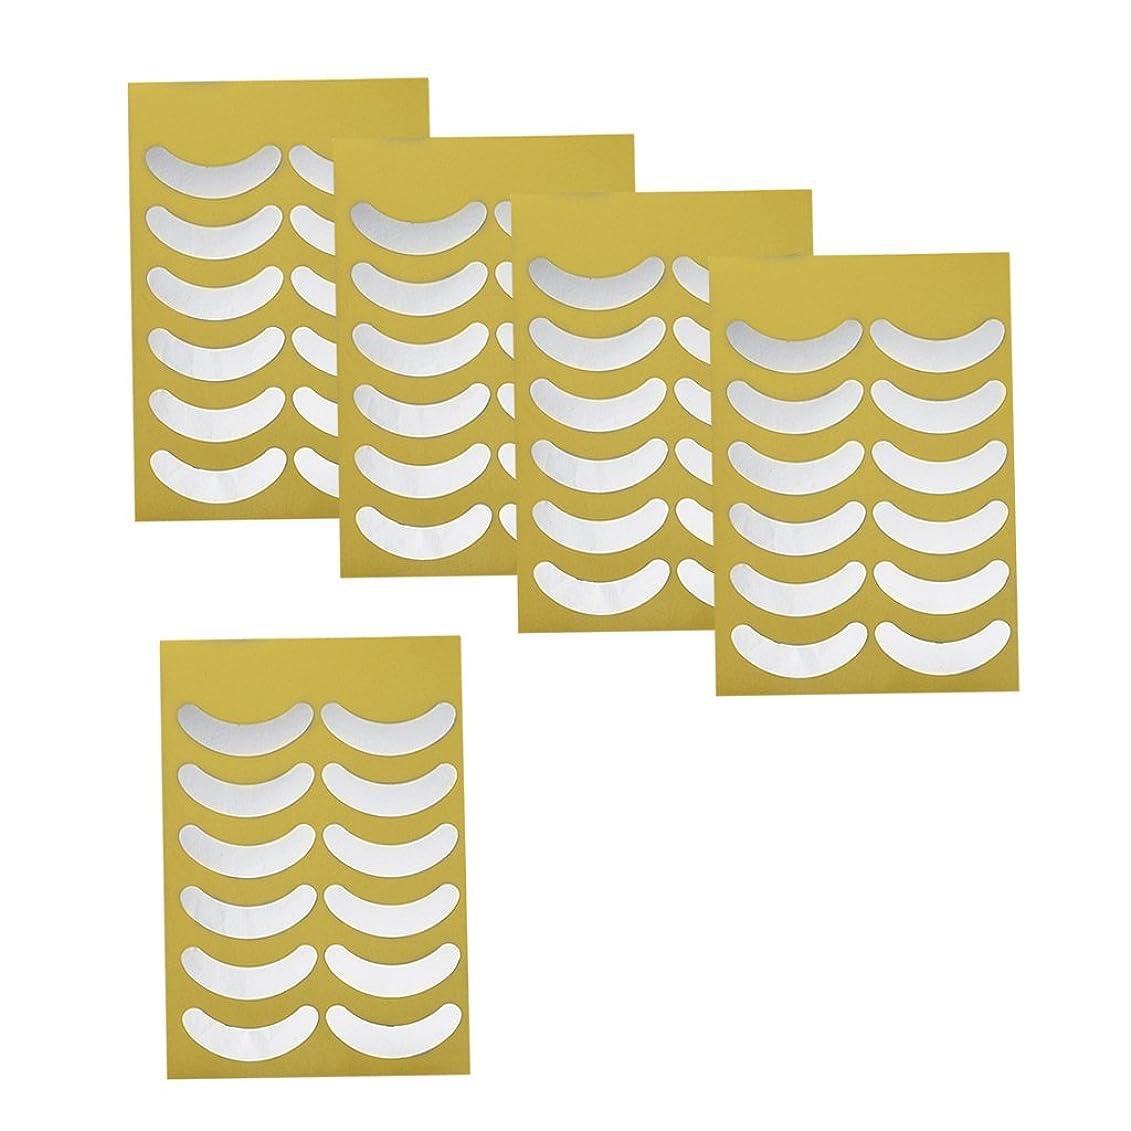 主ペースト交通Kesoto 化粧用 メイクアップ アイシャドー ステッカー アイシャドーシールド アイメイク 目の下に貼る 目元 ケア 便利 化粧ツー 目に合わせる 5枚